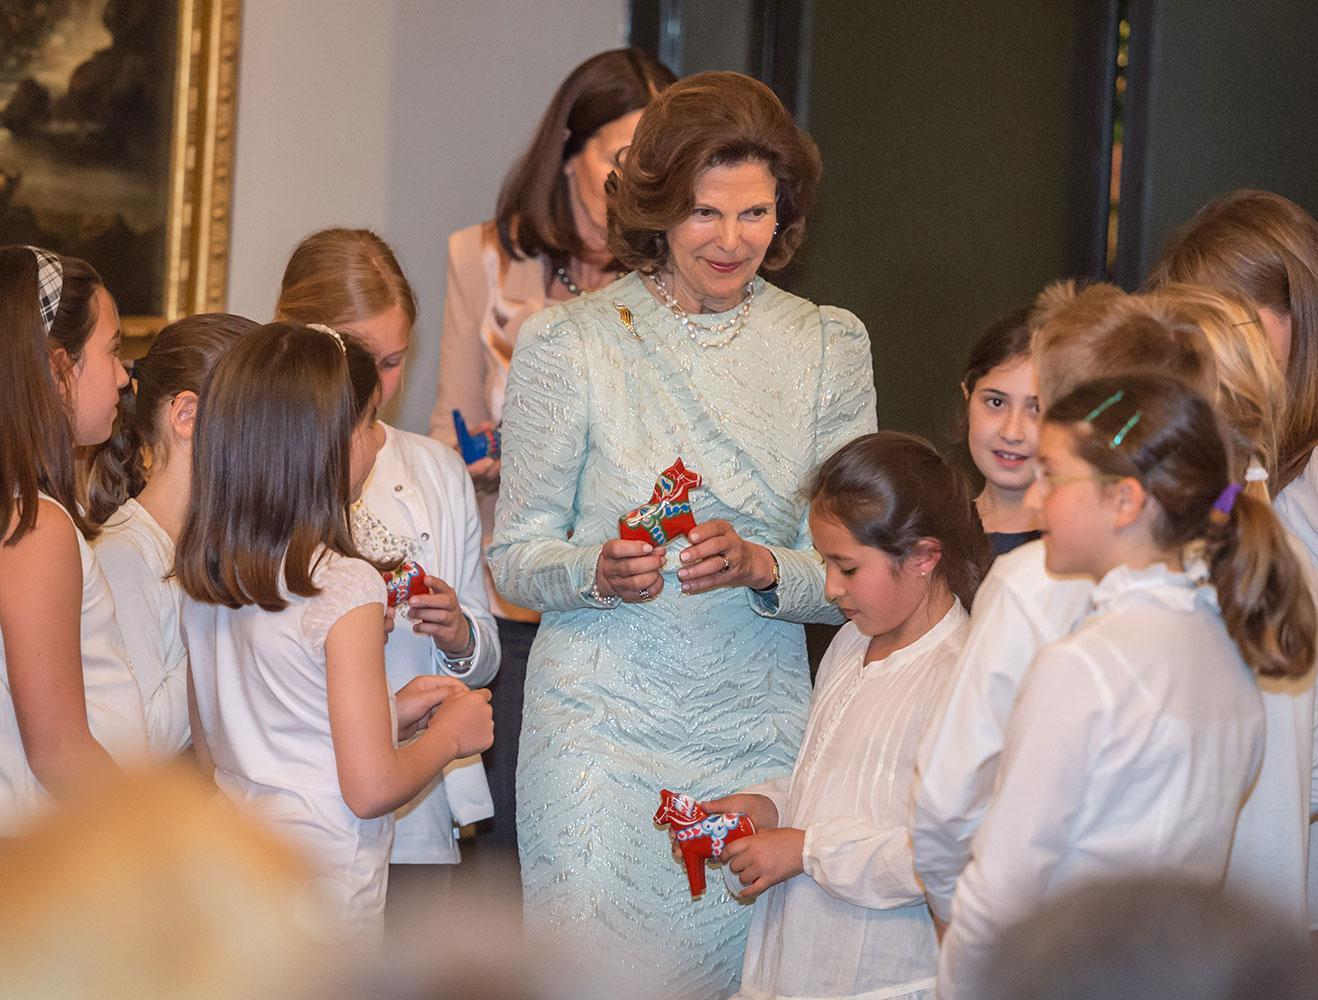 Silvia delar ut Dalahästar till barnen.